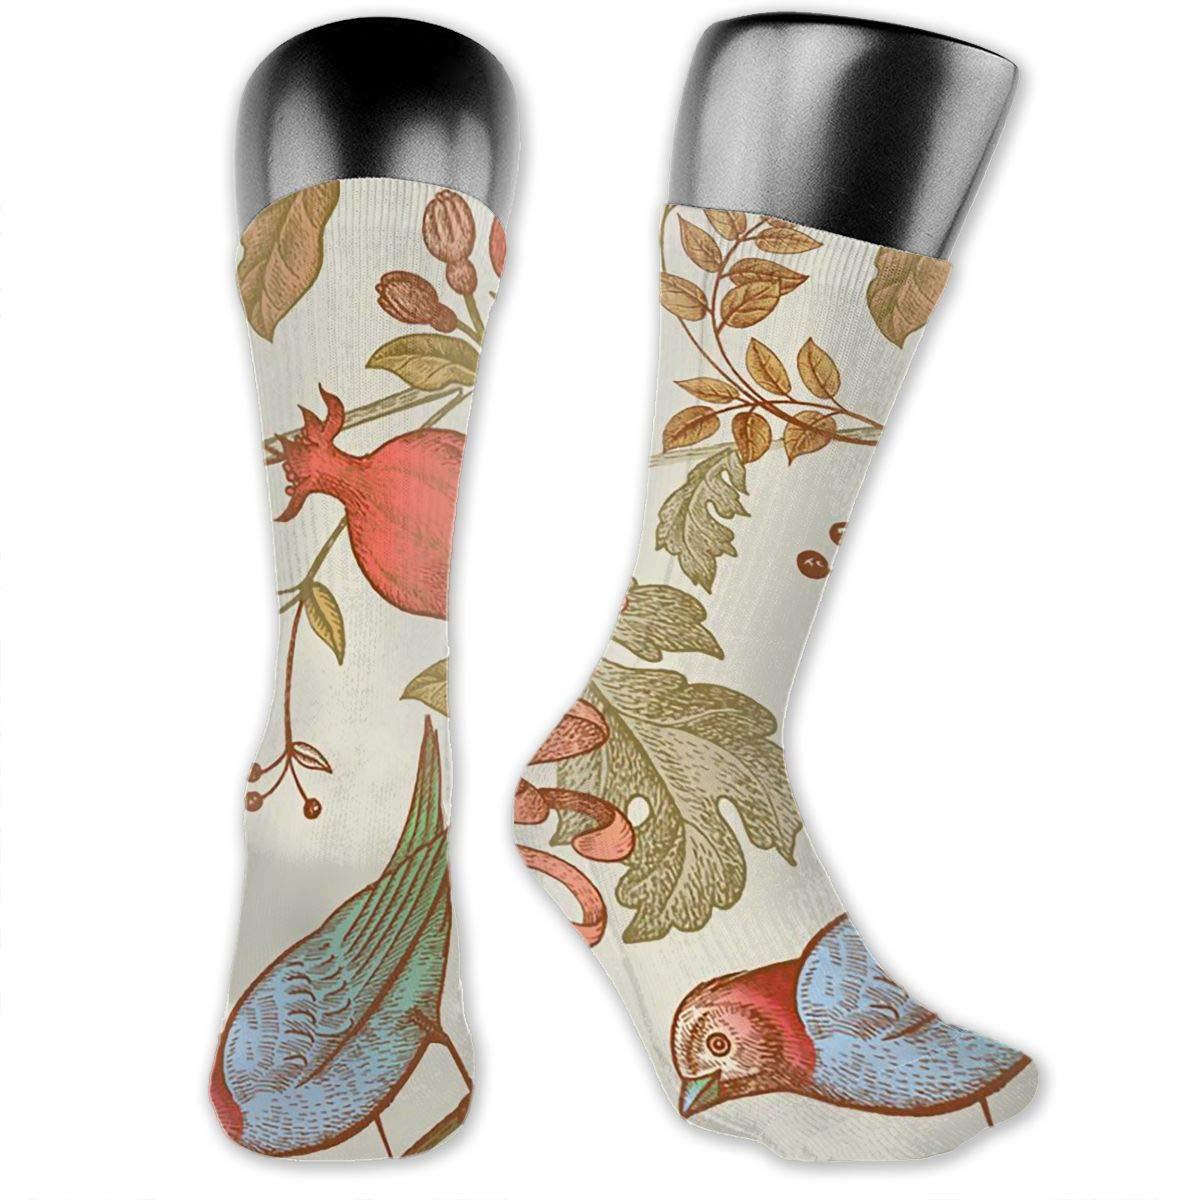 Bird Pomegranate Pattern Mens Dress Socks Fashionable Mid-Calf Socks 15.7